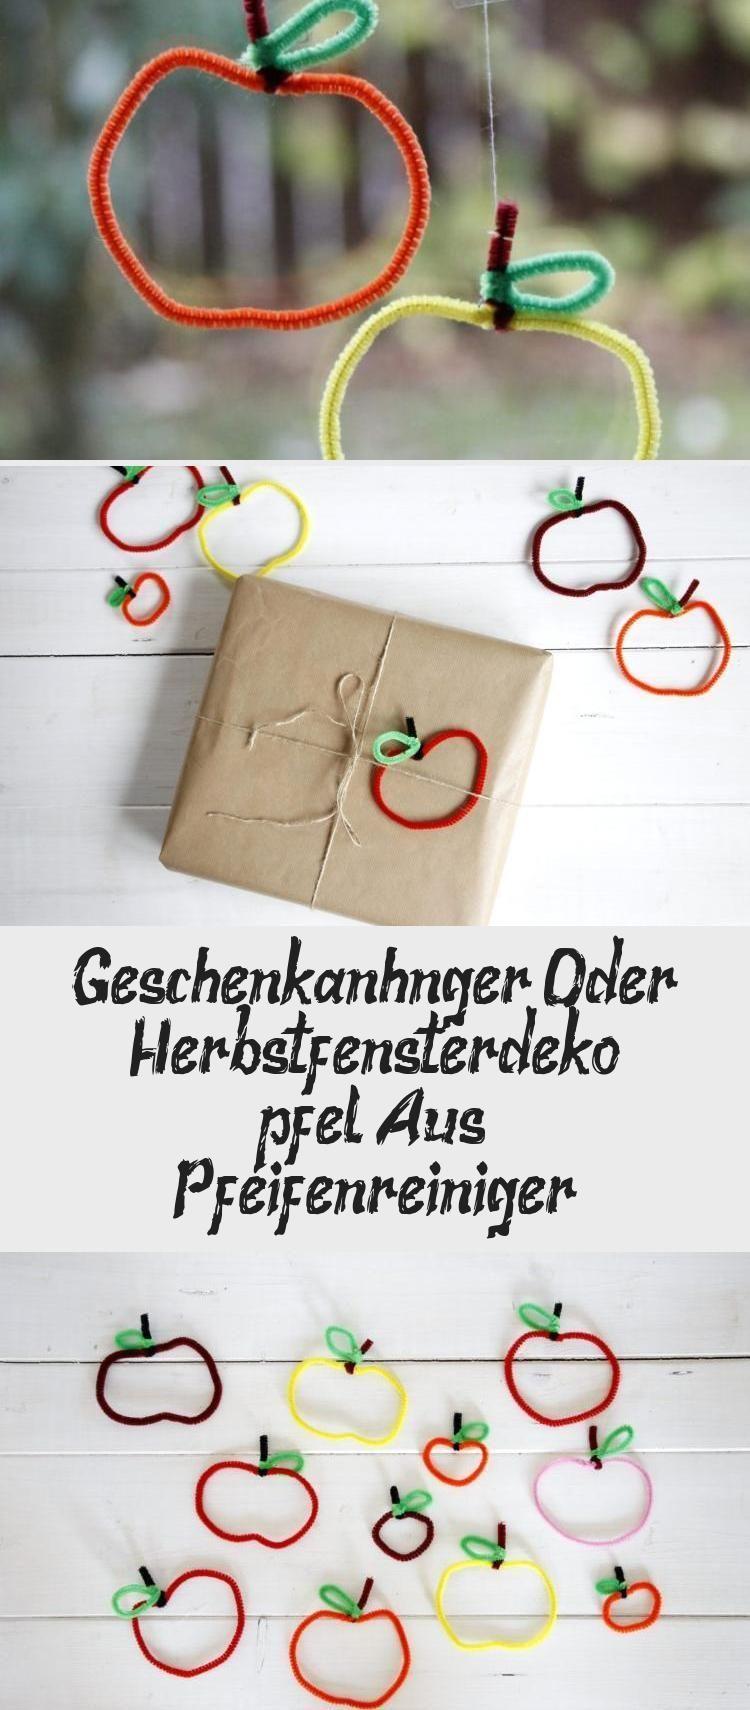 Geschenkanhänger Oder Herbst-fensterdeko: Äpfel Aus Pfeifenreiniger #herbstdekofensterkinder Äpfel aus Pfeifenreiniger sind eine kreative Herbst Fensterdeko. Die Pfeifenreiniger Bastelidee eignet sich auch als Bastelidee für Kinder. Die Herbstdeko basteln lohnt sich. Mit den Pfeifenreiniger Äpfel kann man nicht nur die Fenster herbstlich schmücken, sondern man kann sie auch als Geschenkanhänger oder Strauch Anhänger verwenden. #dekorationHerbstDIY #dekorationHerbstHolz #dekorationHerbstT #herbstdekofensterkinder